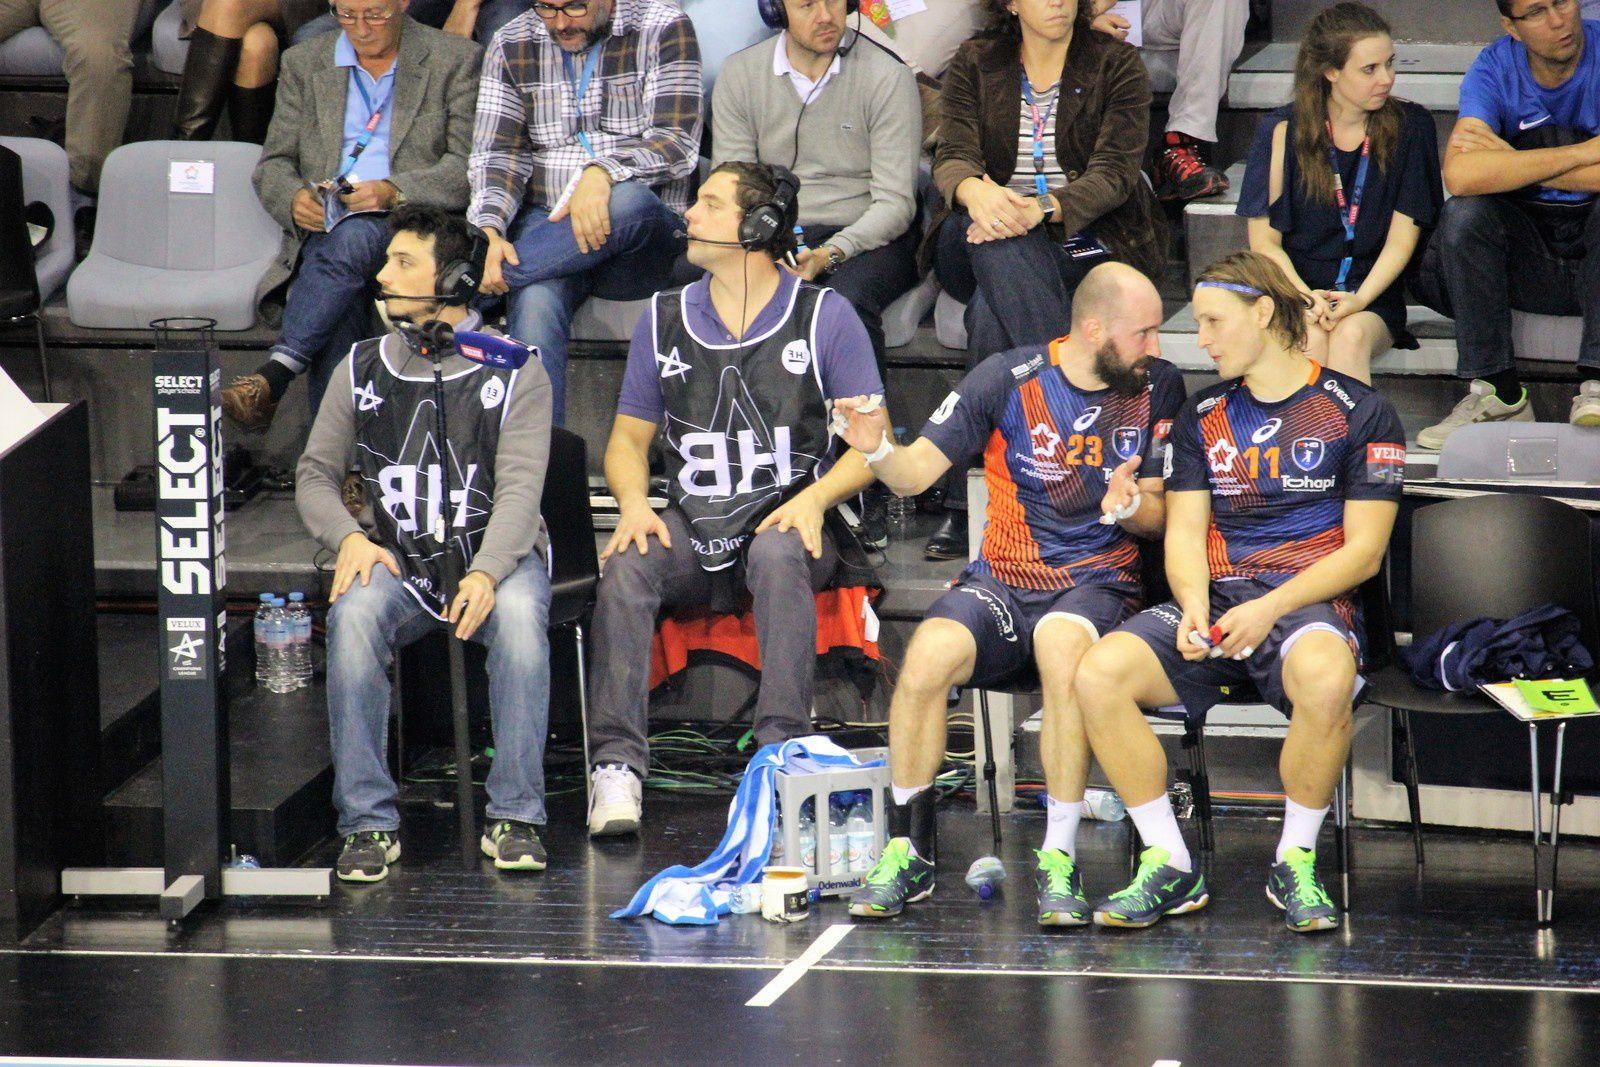 Montpellier vs La Rioja - Ligue des Champions - 26.11.2016 (2ème mi-temps) 2/2